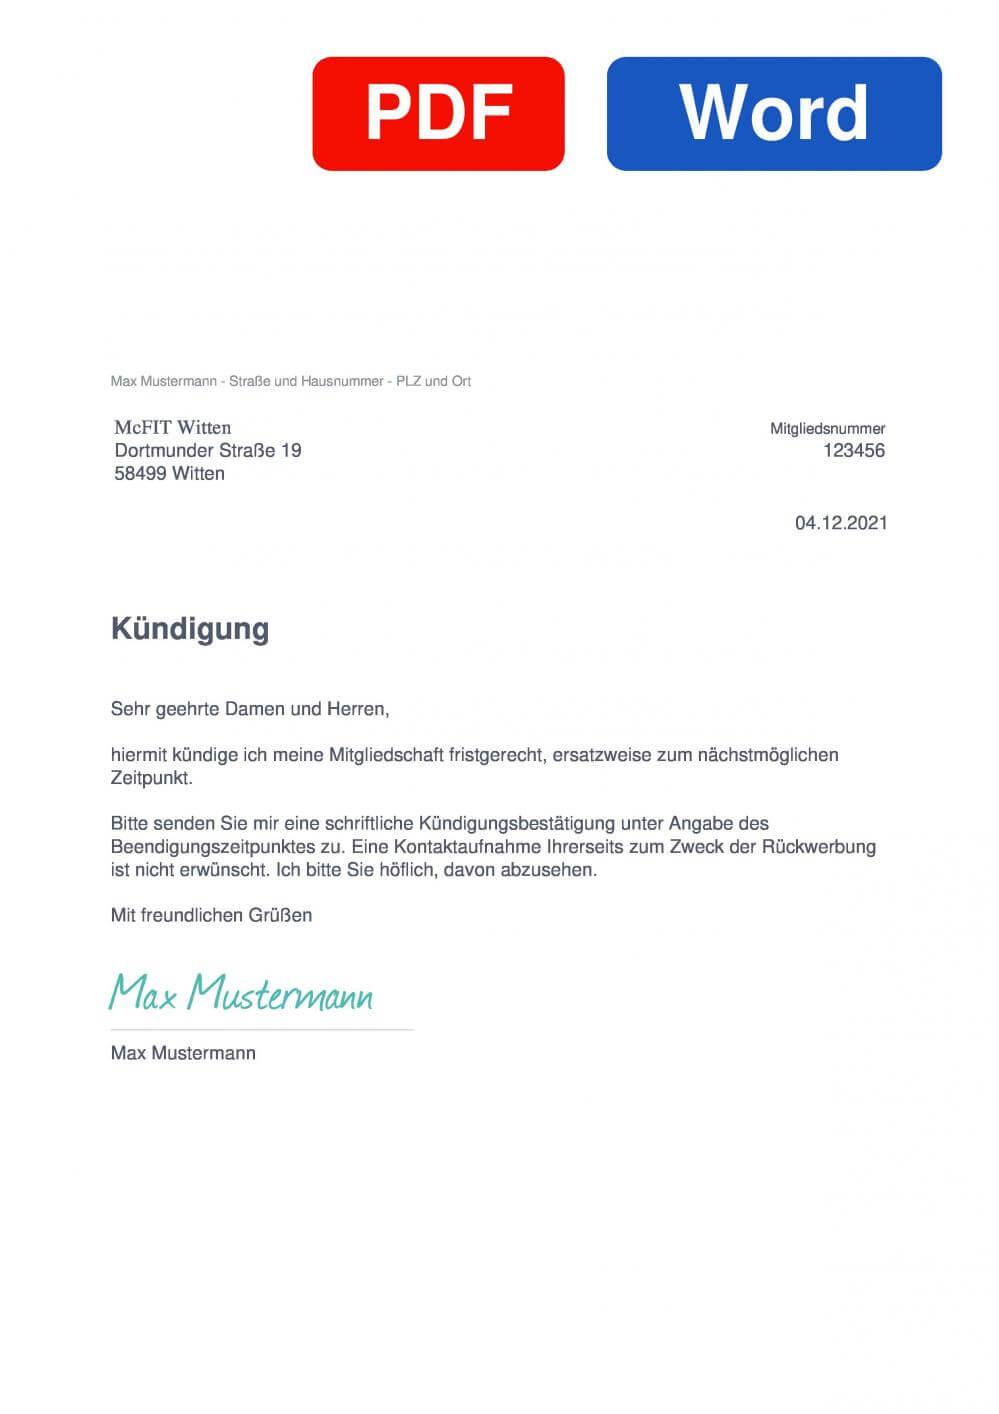 McFIT Witten Muster Vorlage für Kündigungsschreiben